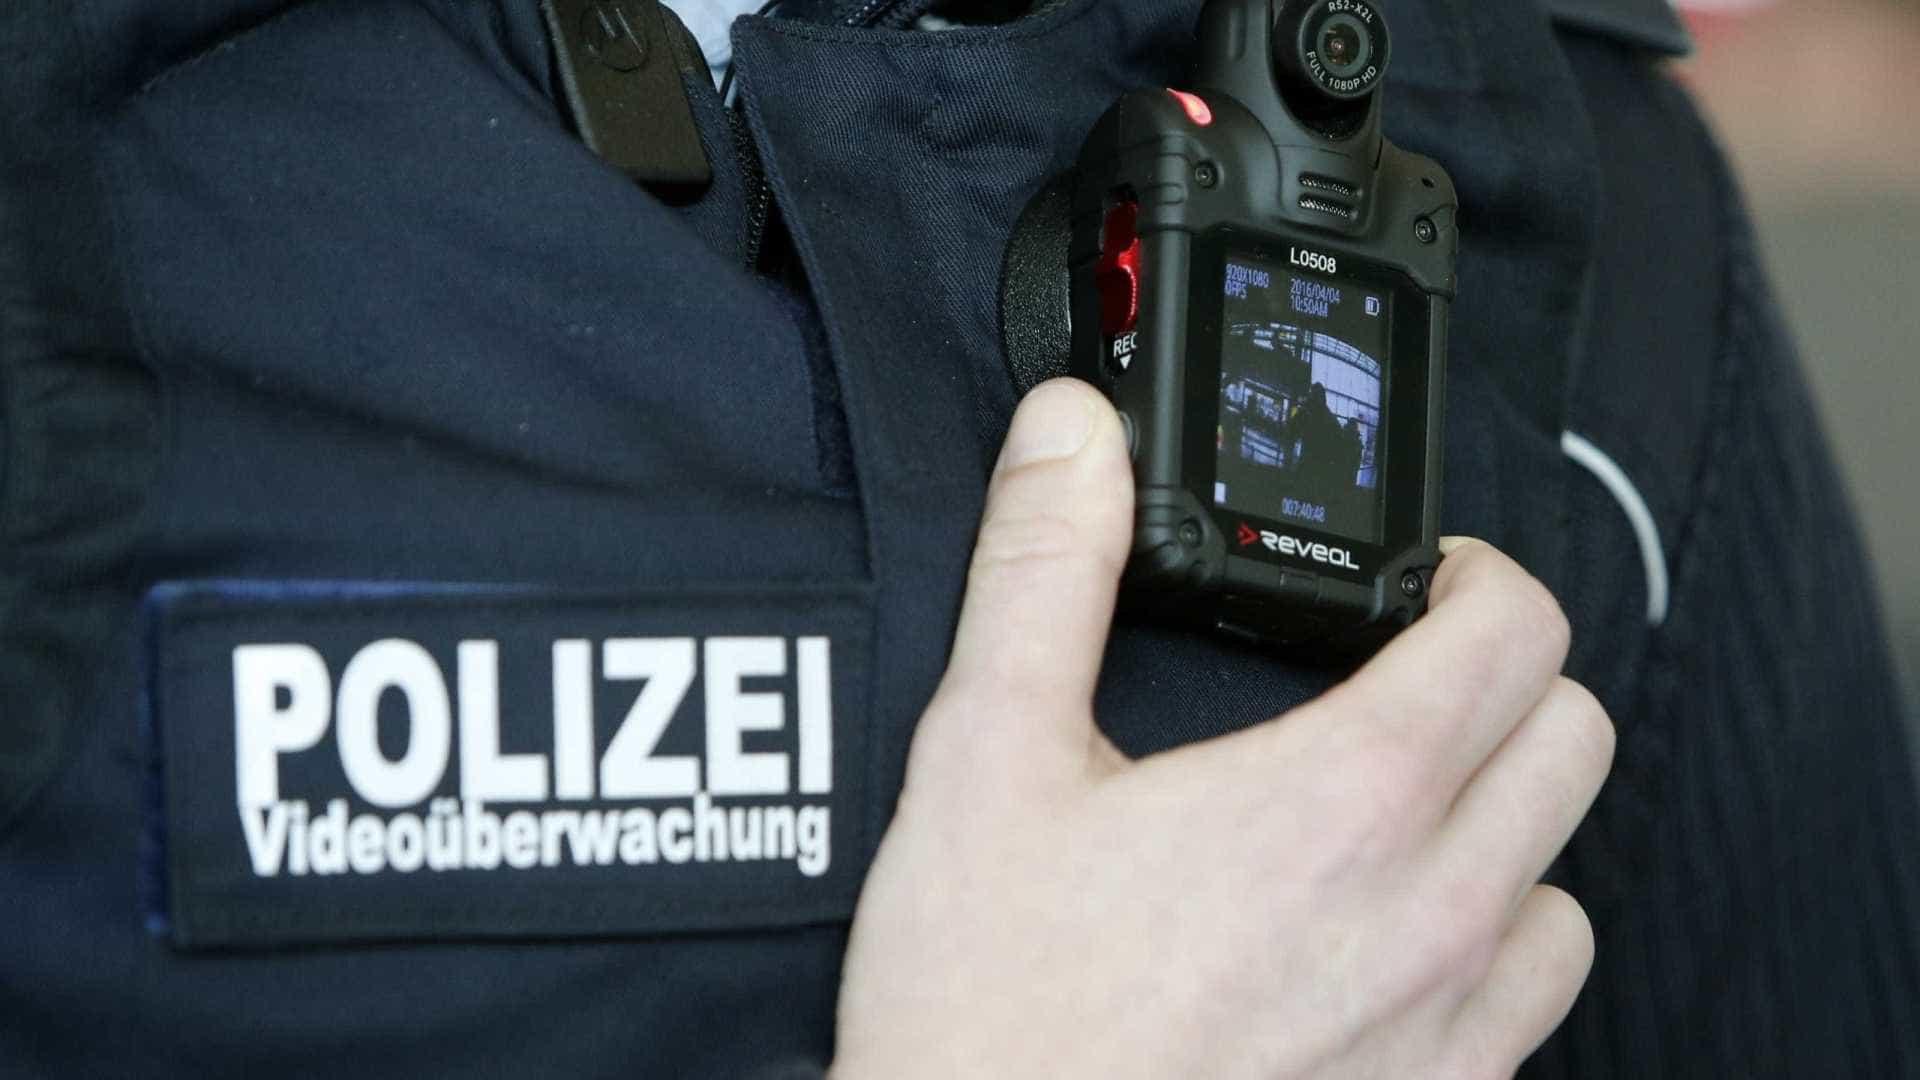 Político do partido de Merkel é encontrado morto na Alemanha